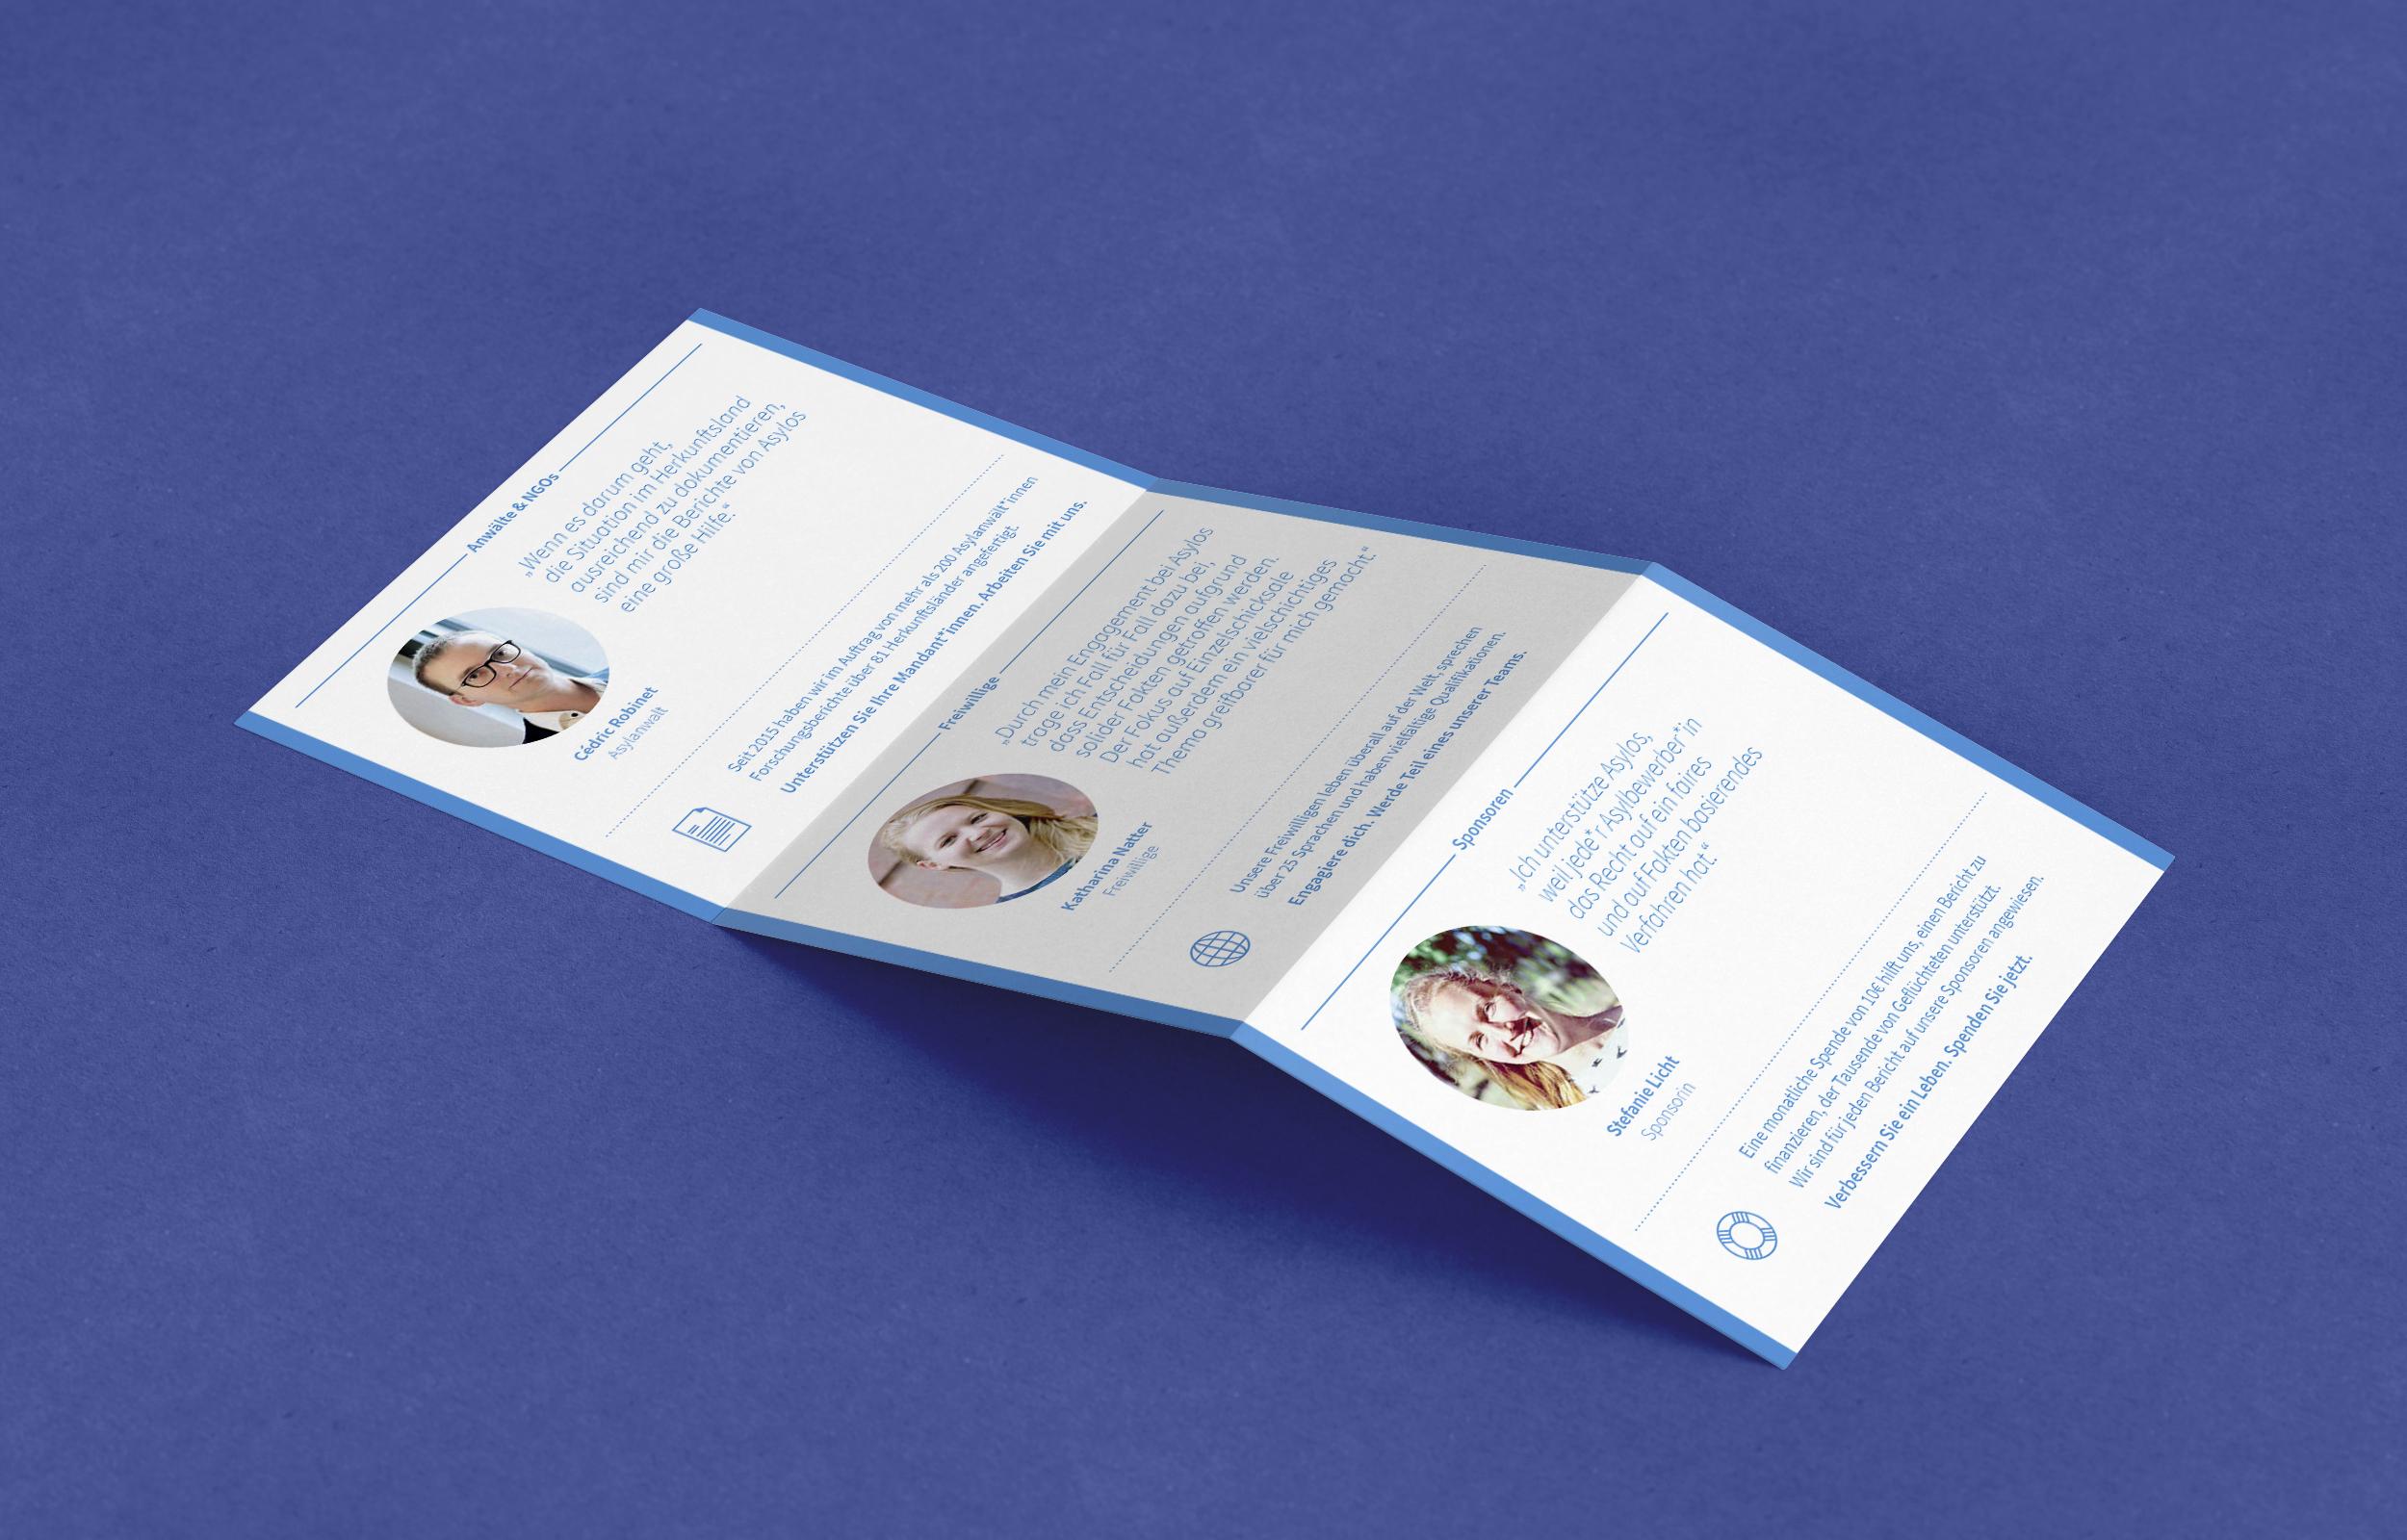 """""""Asylos - Research for Asylum"""" strategische Beratung, Konzeption und Gestaltung von Werbematerial, Flyer, Sticker – ein Projekt von Simon Sleegers"""